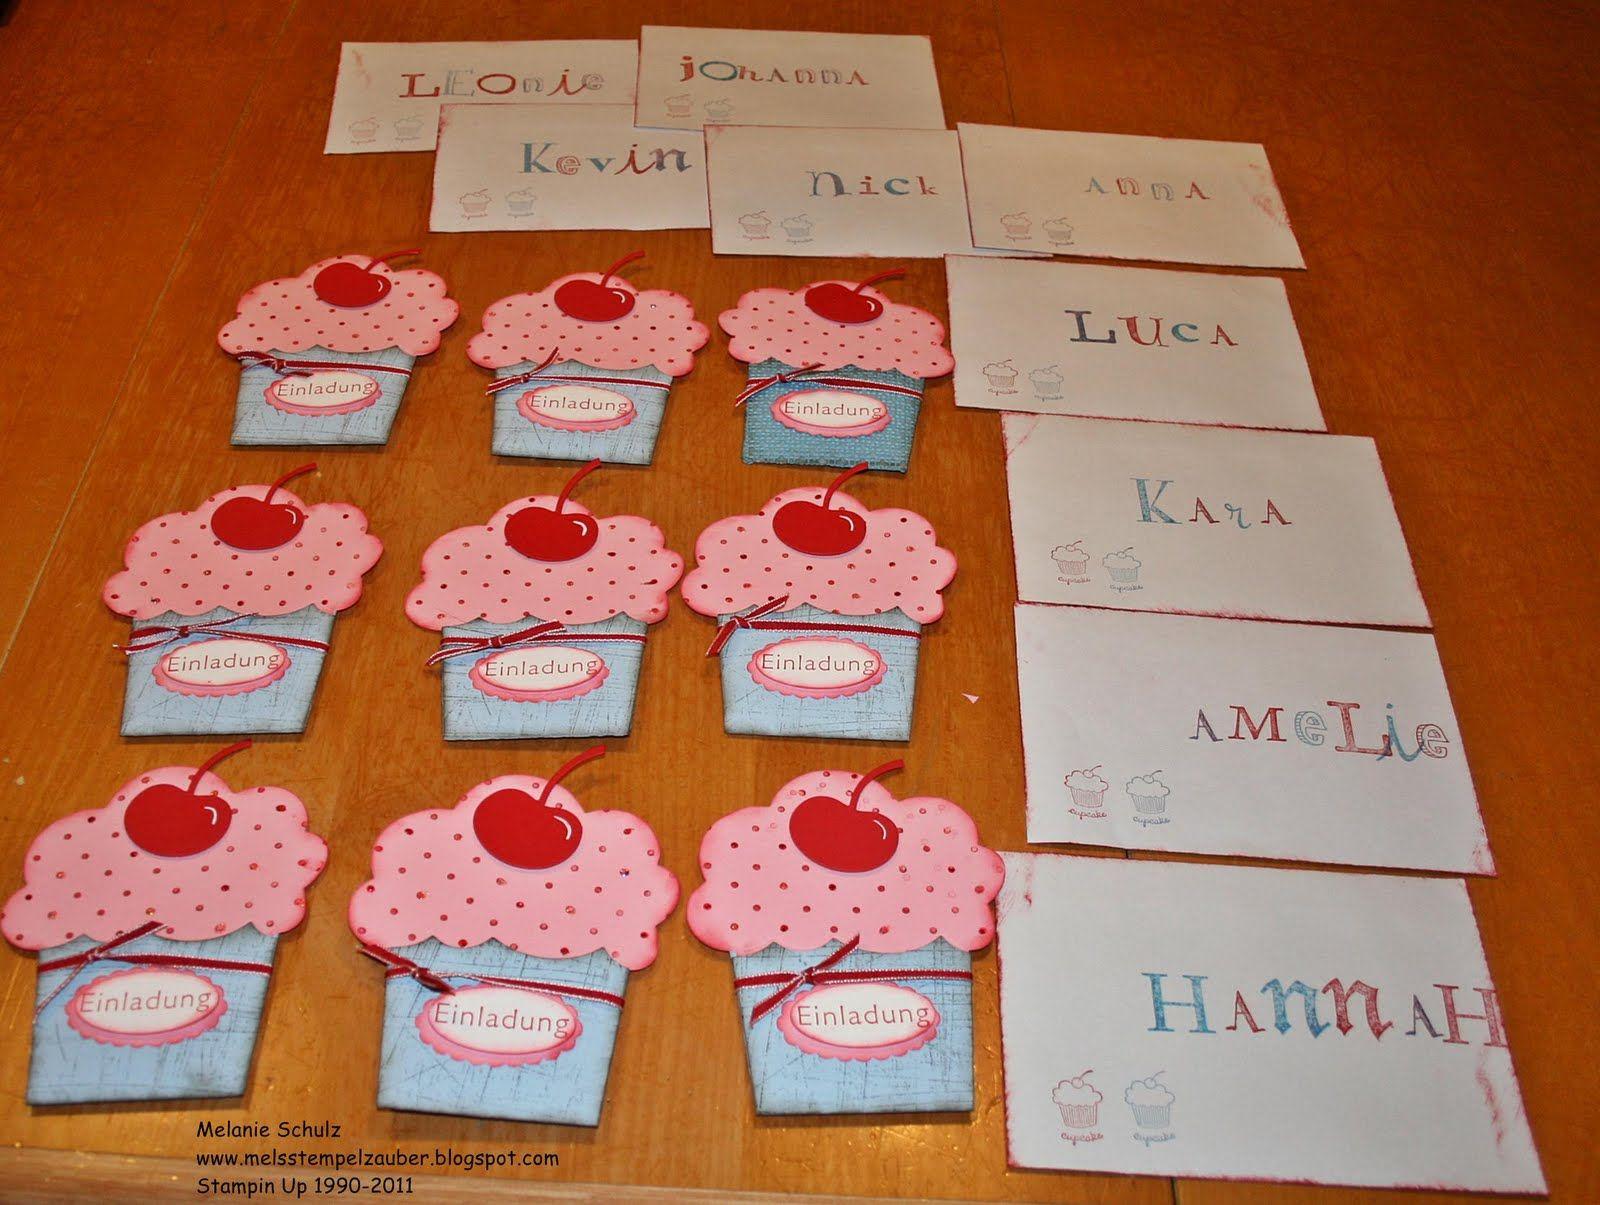 Einladung Zum 9.Geburtstag Unserer Tochter Davina Hier Sind Alle 9  Einladungen Die Muffins Ist Eine Stanzform Für Die Big Shot ... | Pinterest